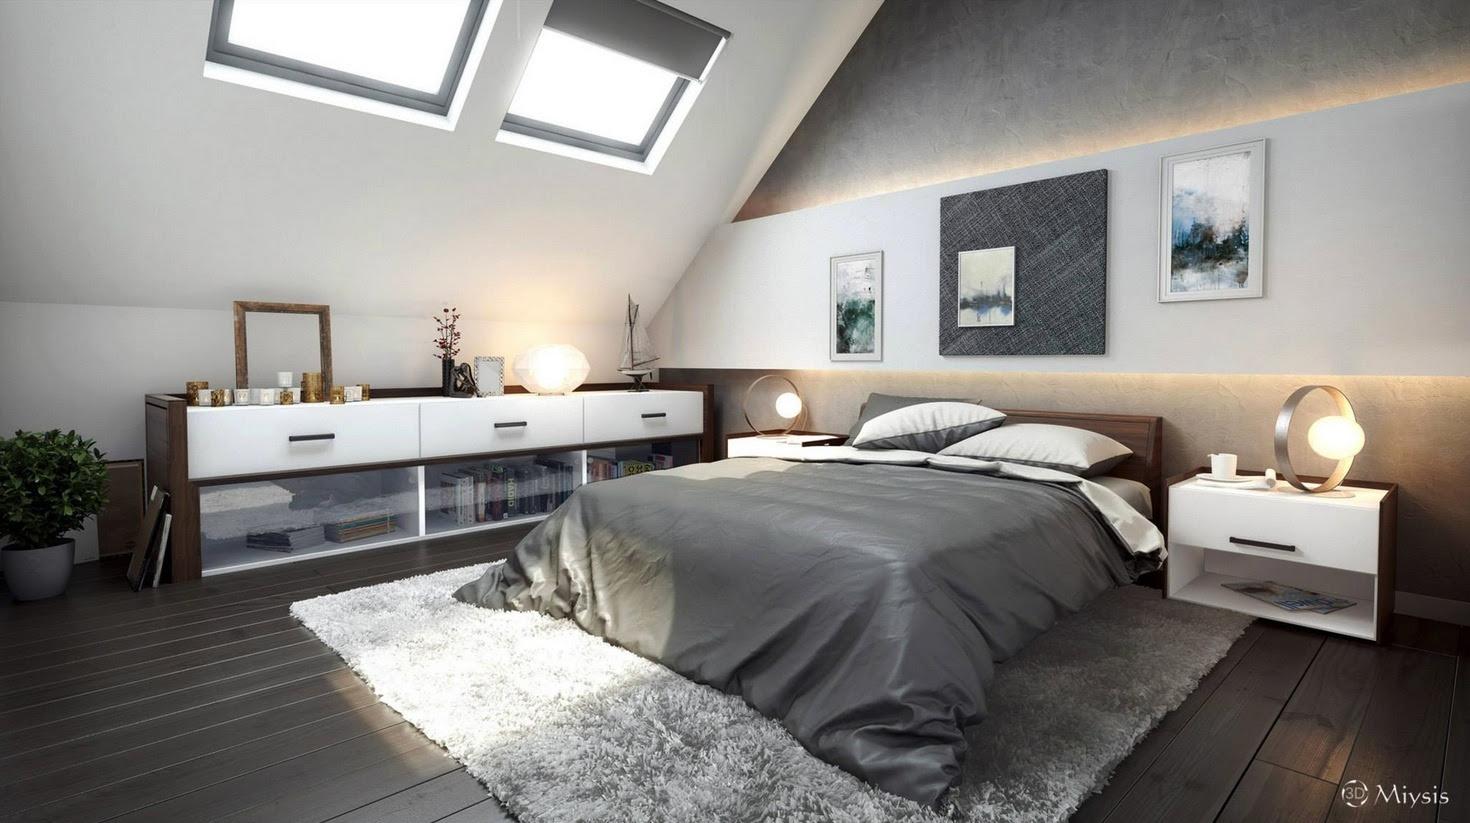 Bedroom Ideas For Attic Home Decor